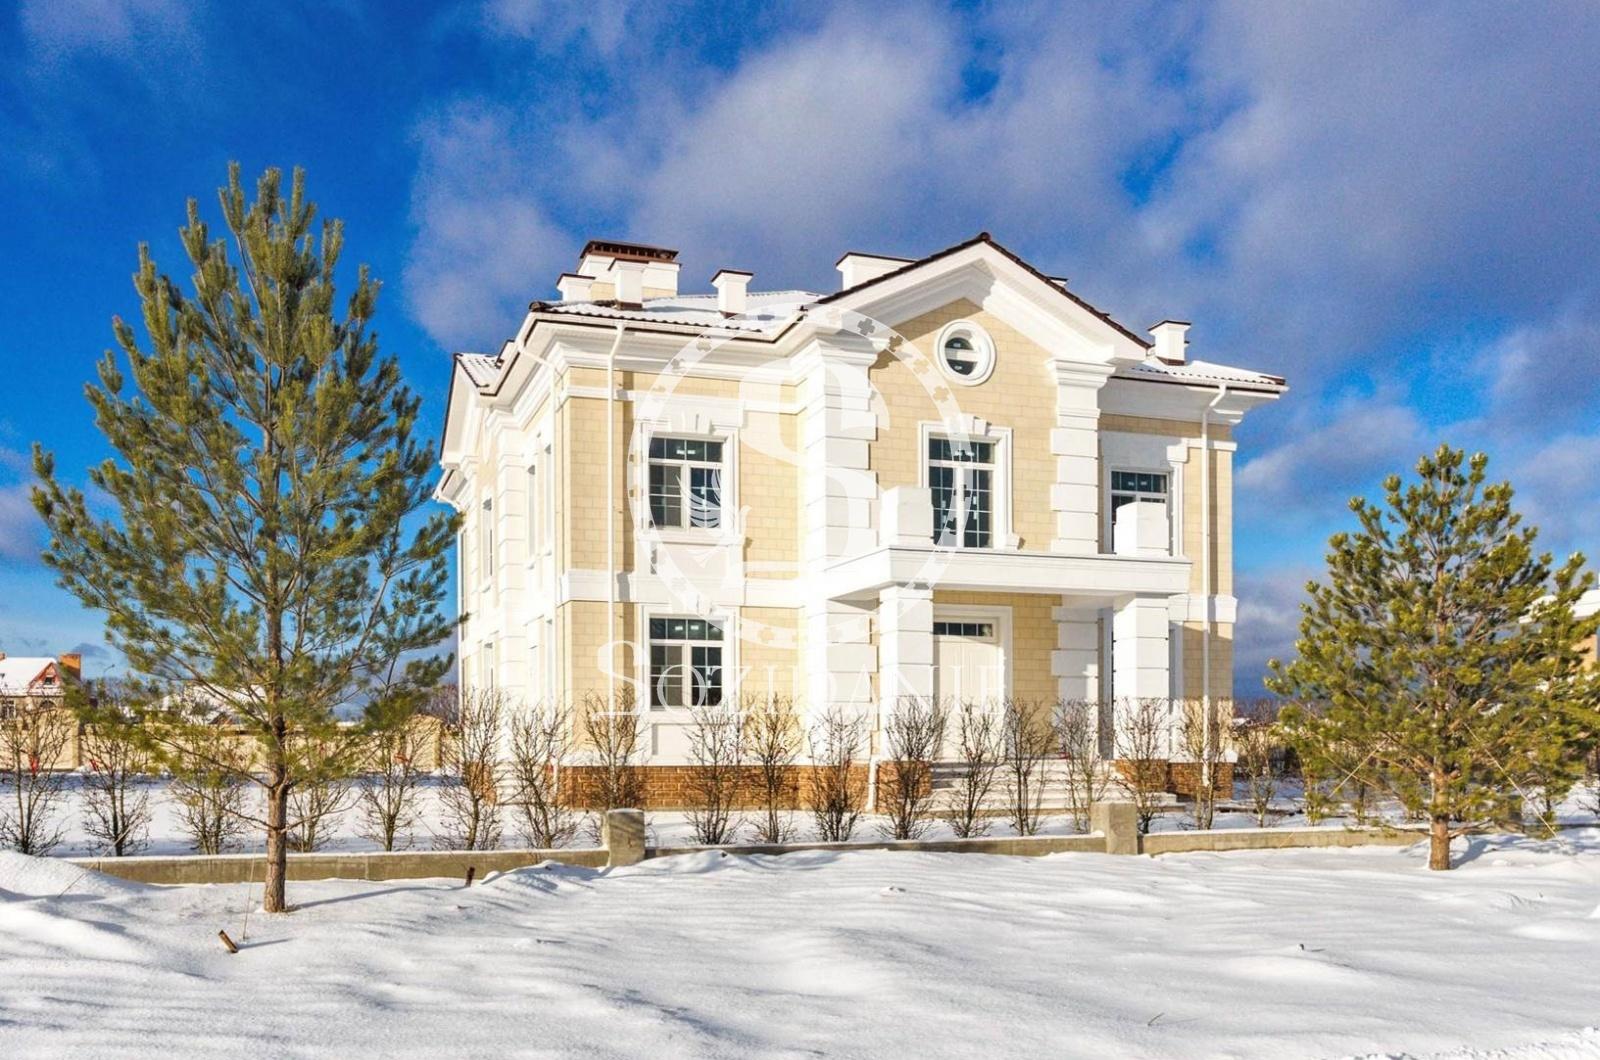 4 Bedrooms, Загородная, Продажа, Listing ID 1285, Московская область, Россия,